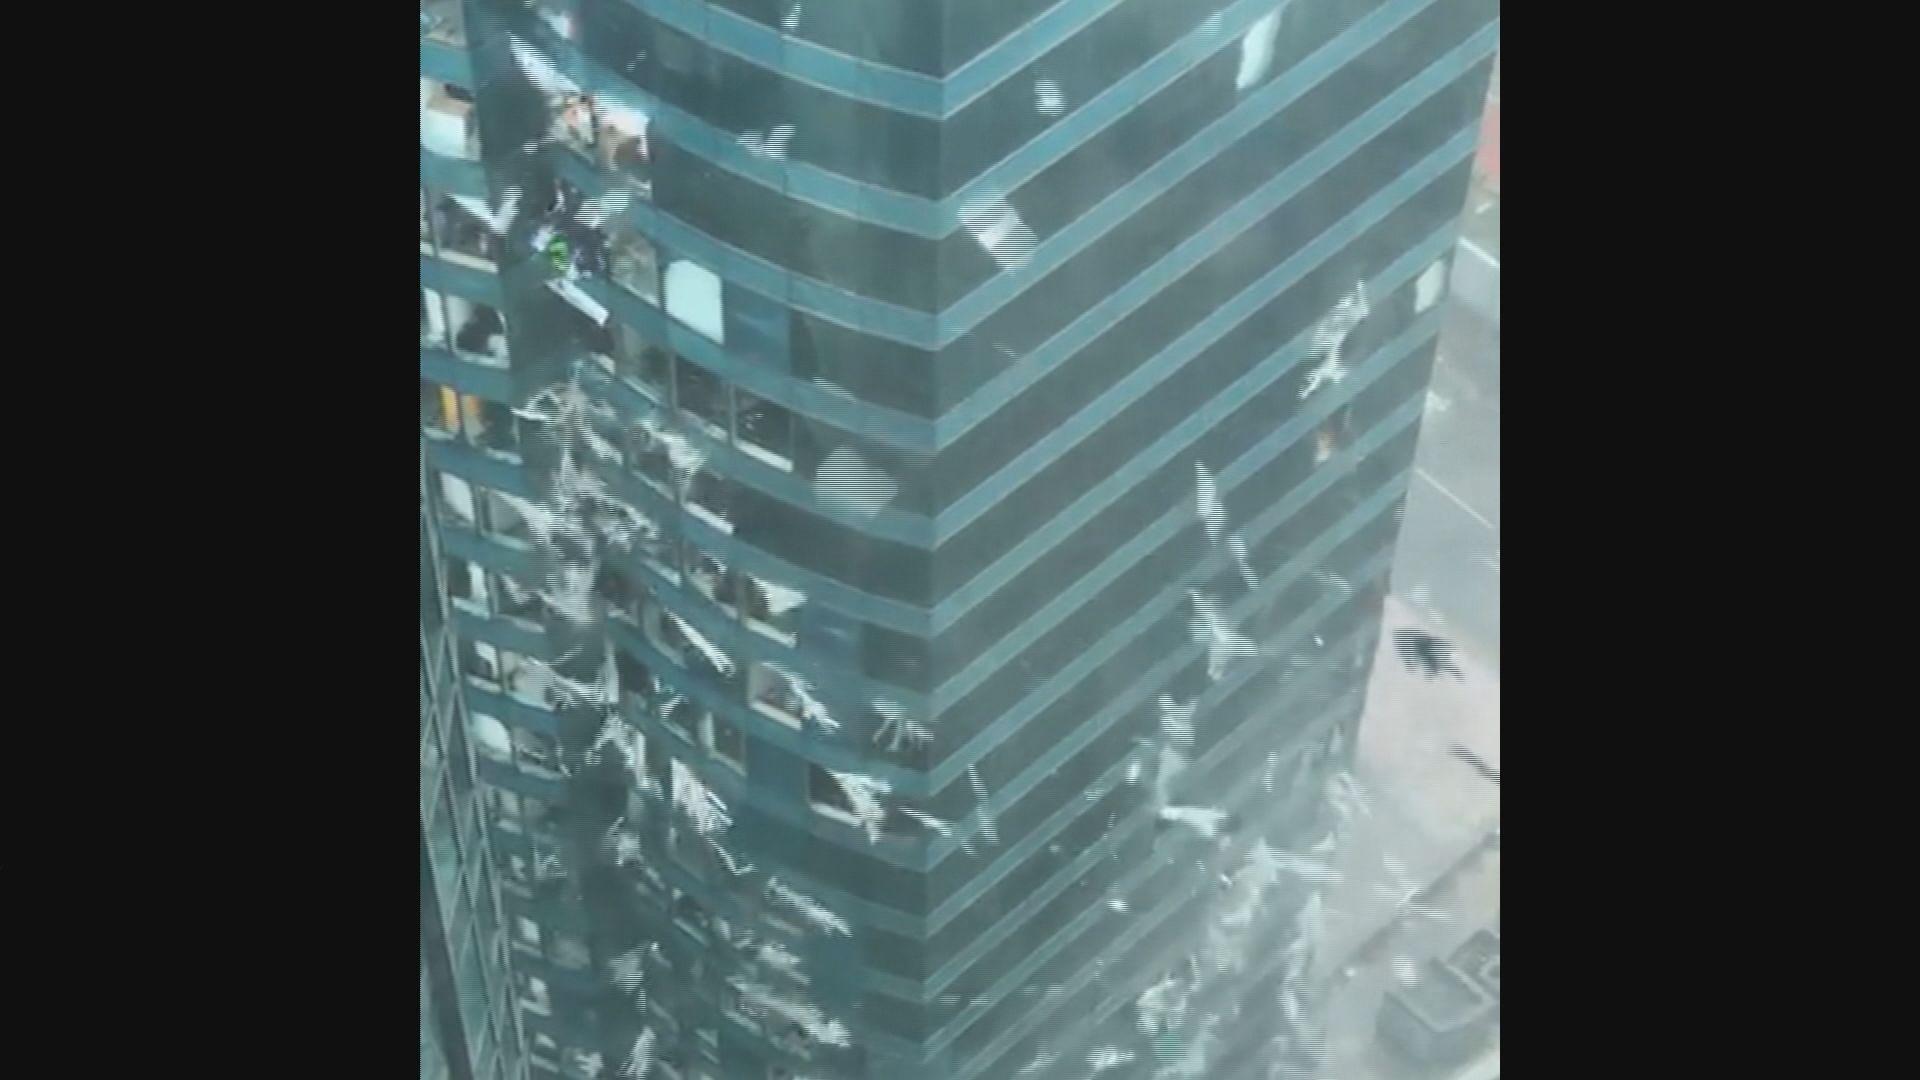 紅磡商廈幕牆多塊玻璃破裂